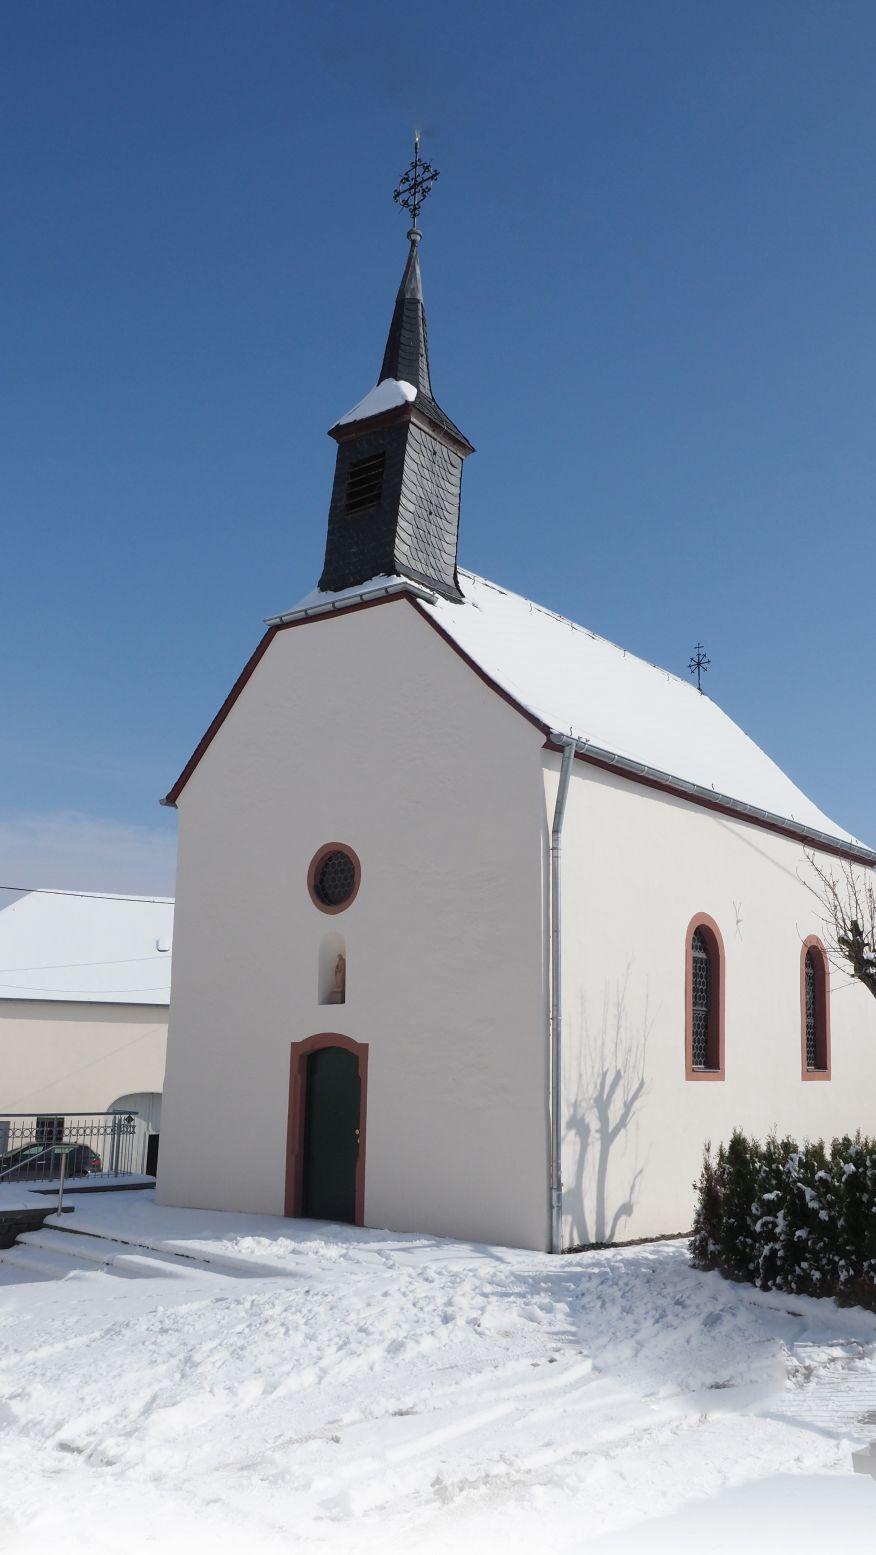 Kapelle, 03.03.2018